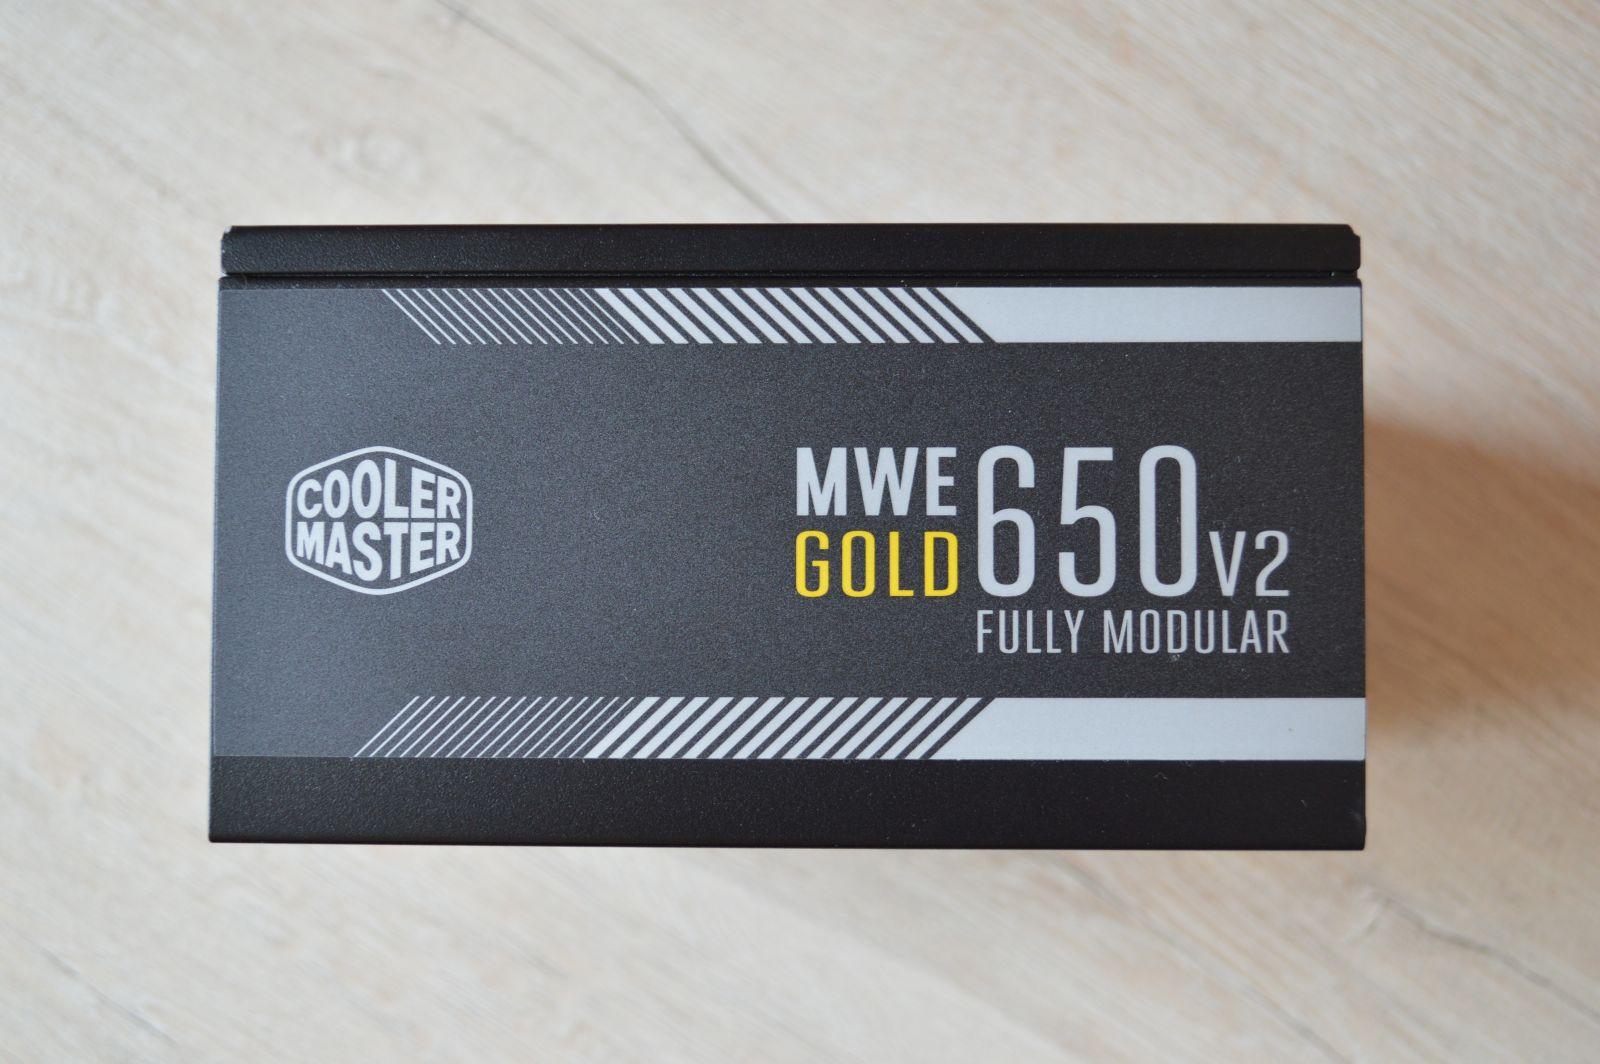 Cooler Master MWE Gold 650 V2 наклейка